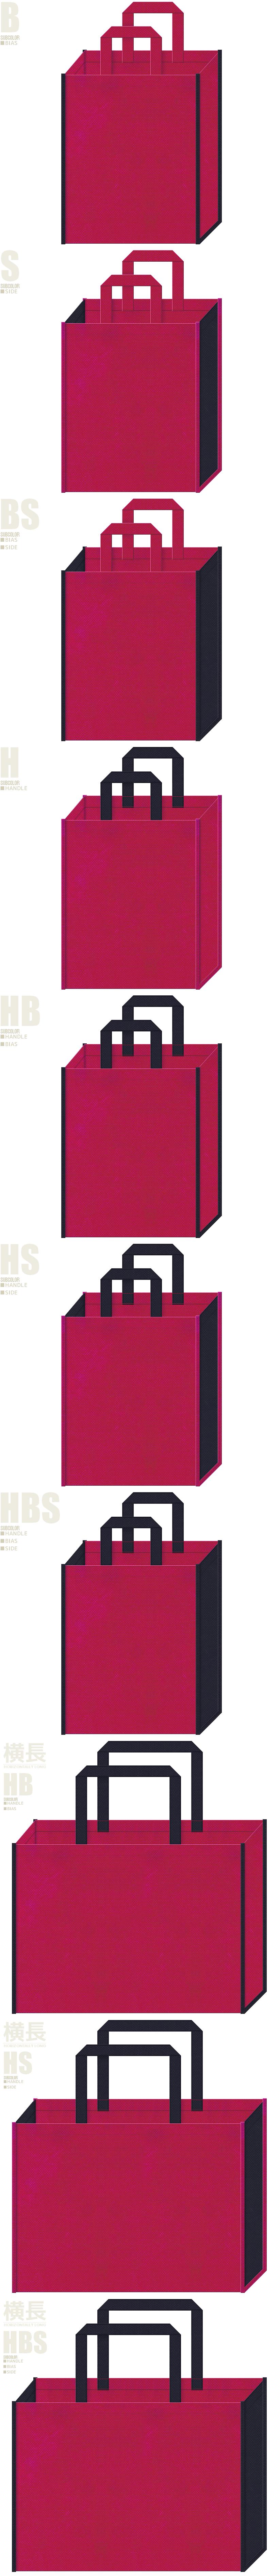 アリーナ・ユニフォーム・シューズ・レッスンバッグ・アウトドア・女子スポーツにお奨めの不織布バッグデザイン:濃いピンク色と濃紺色の配色7パターン